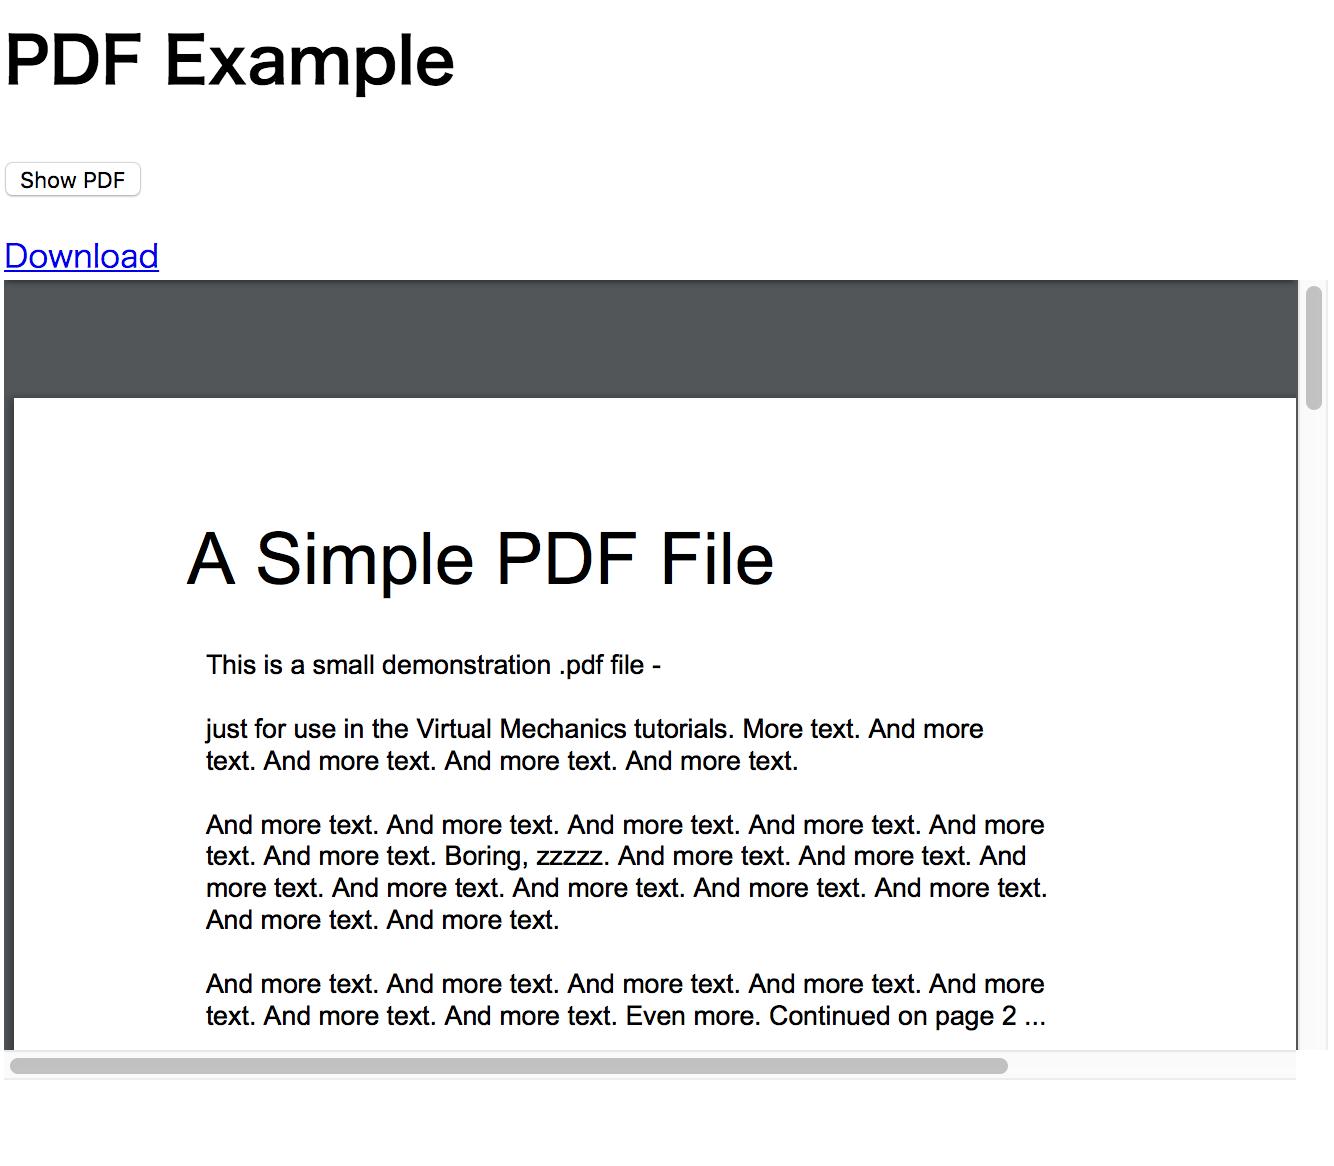 objectタグ pdf 表示されない